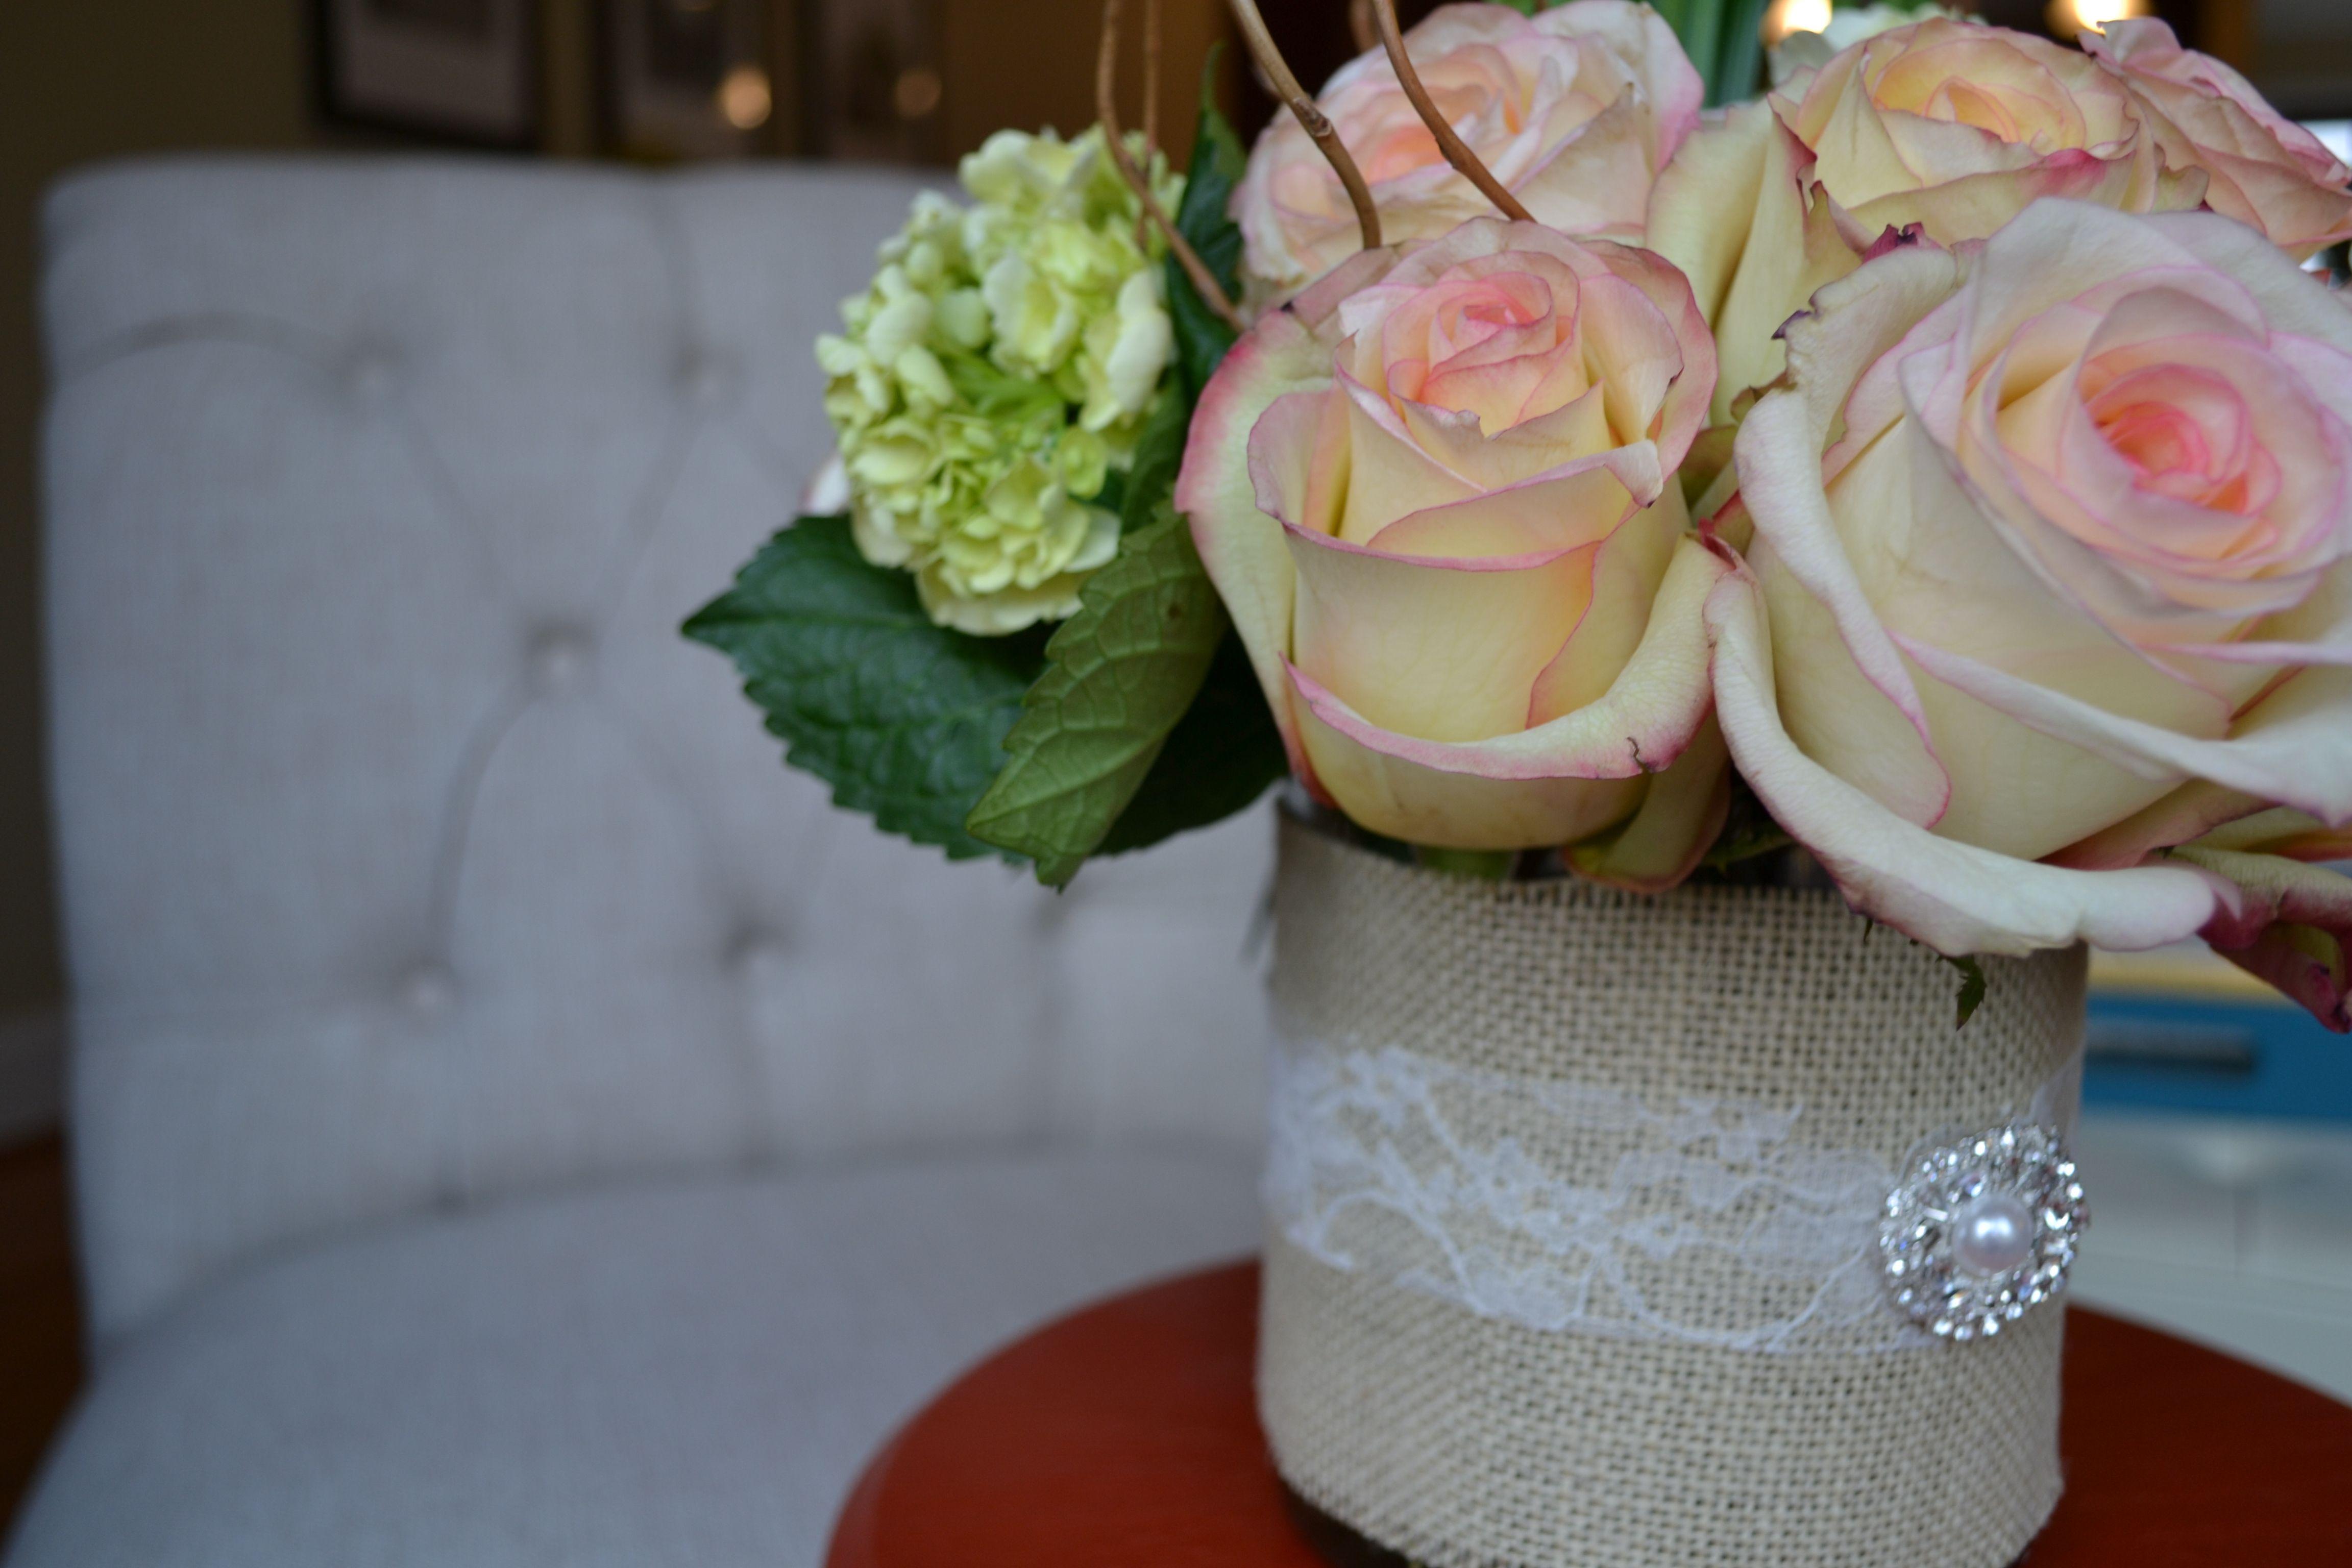 Small arrangements - Flora Couture